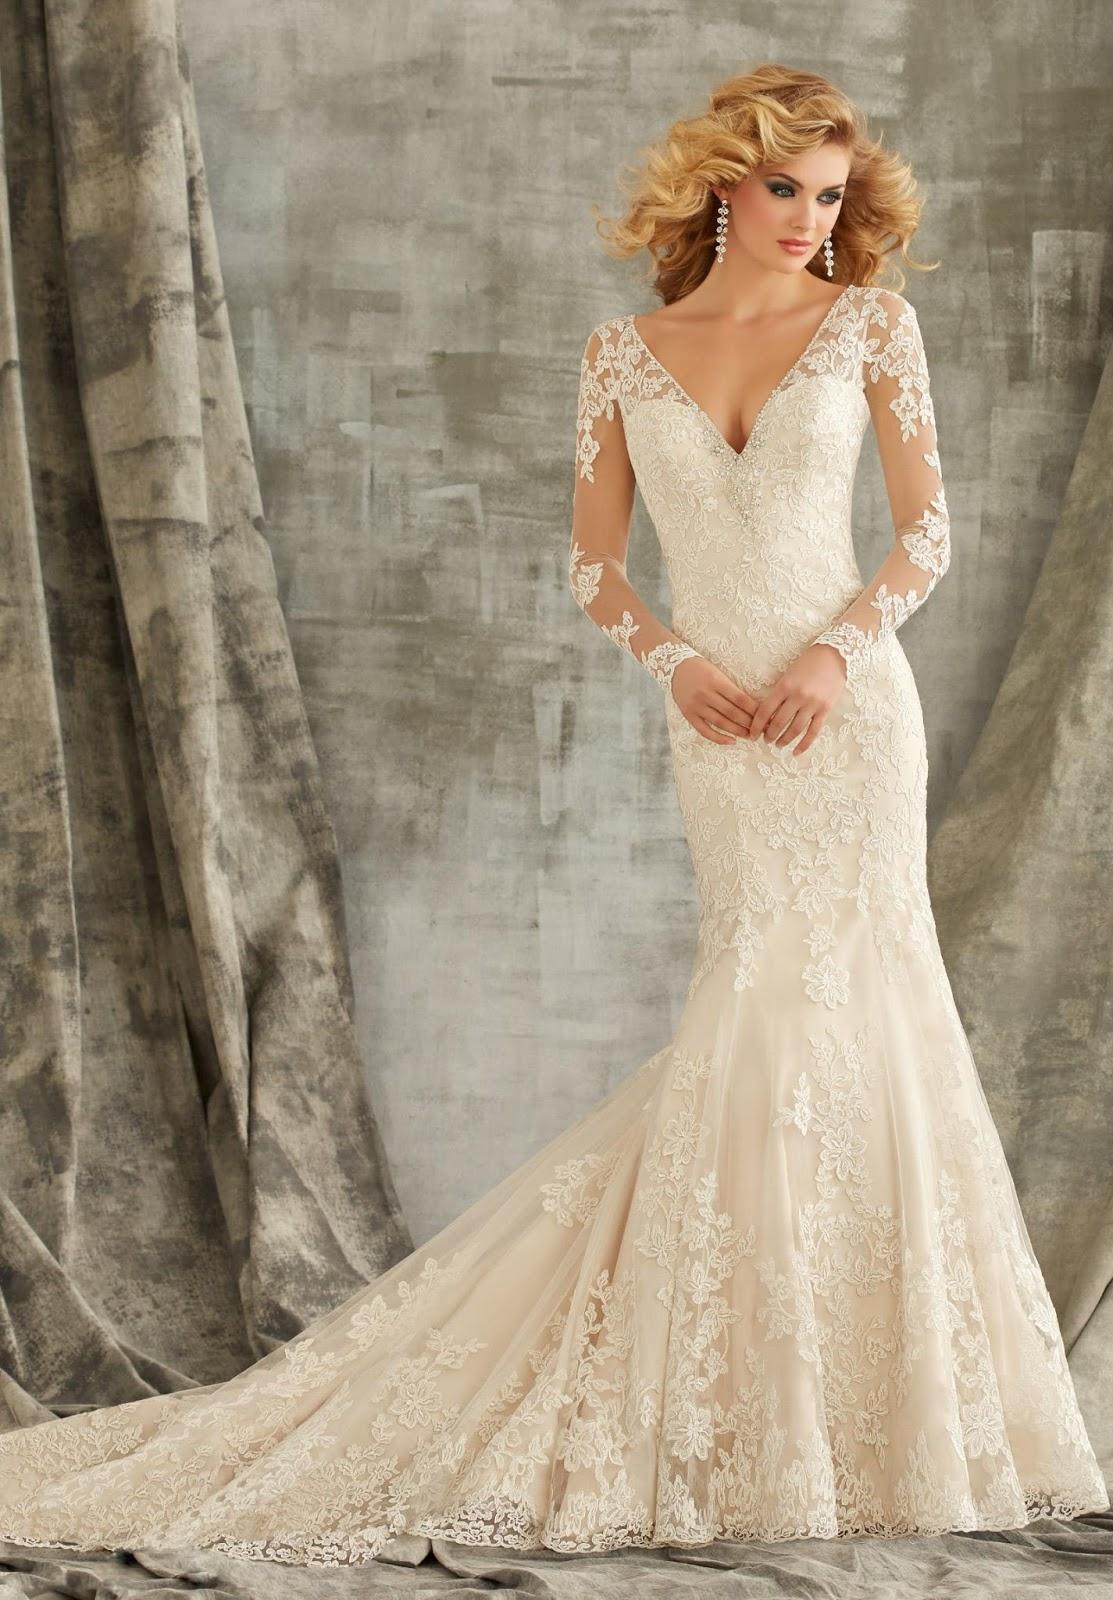 Long Sleeve Mermaid Wedding Dresses in Richmond